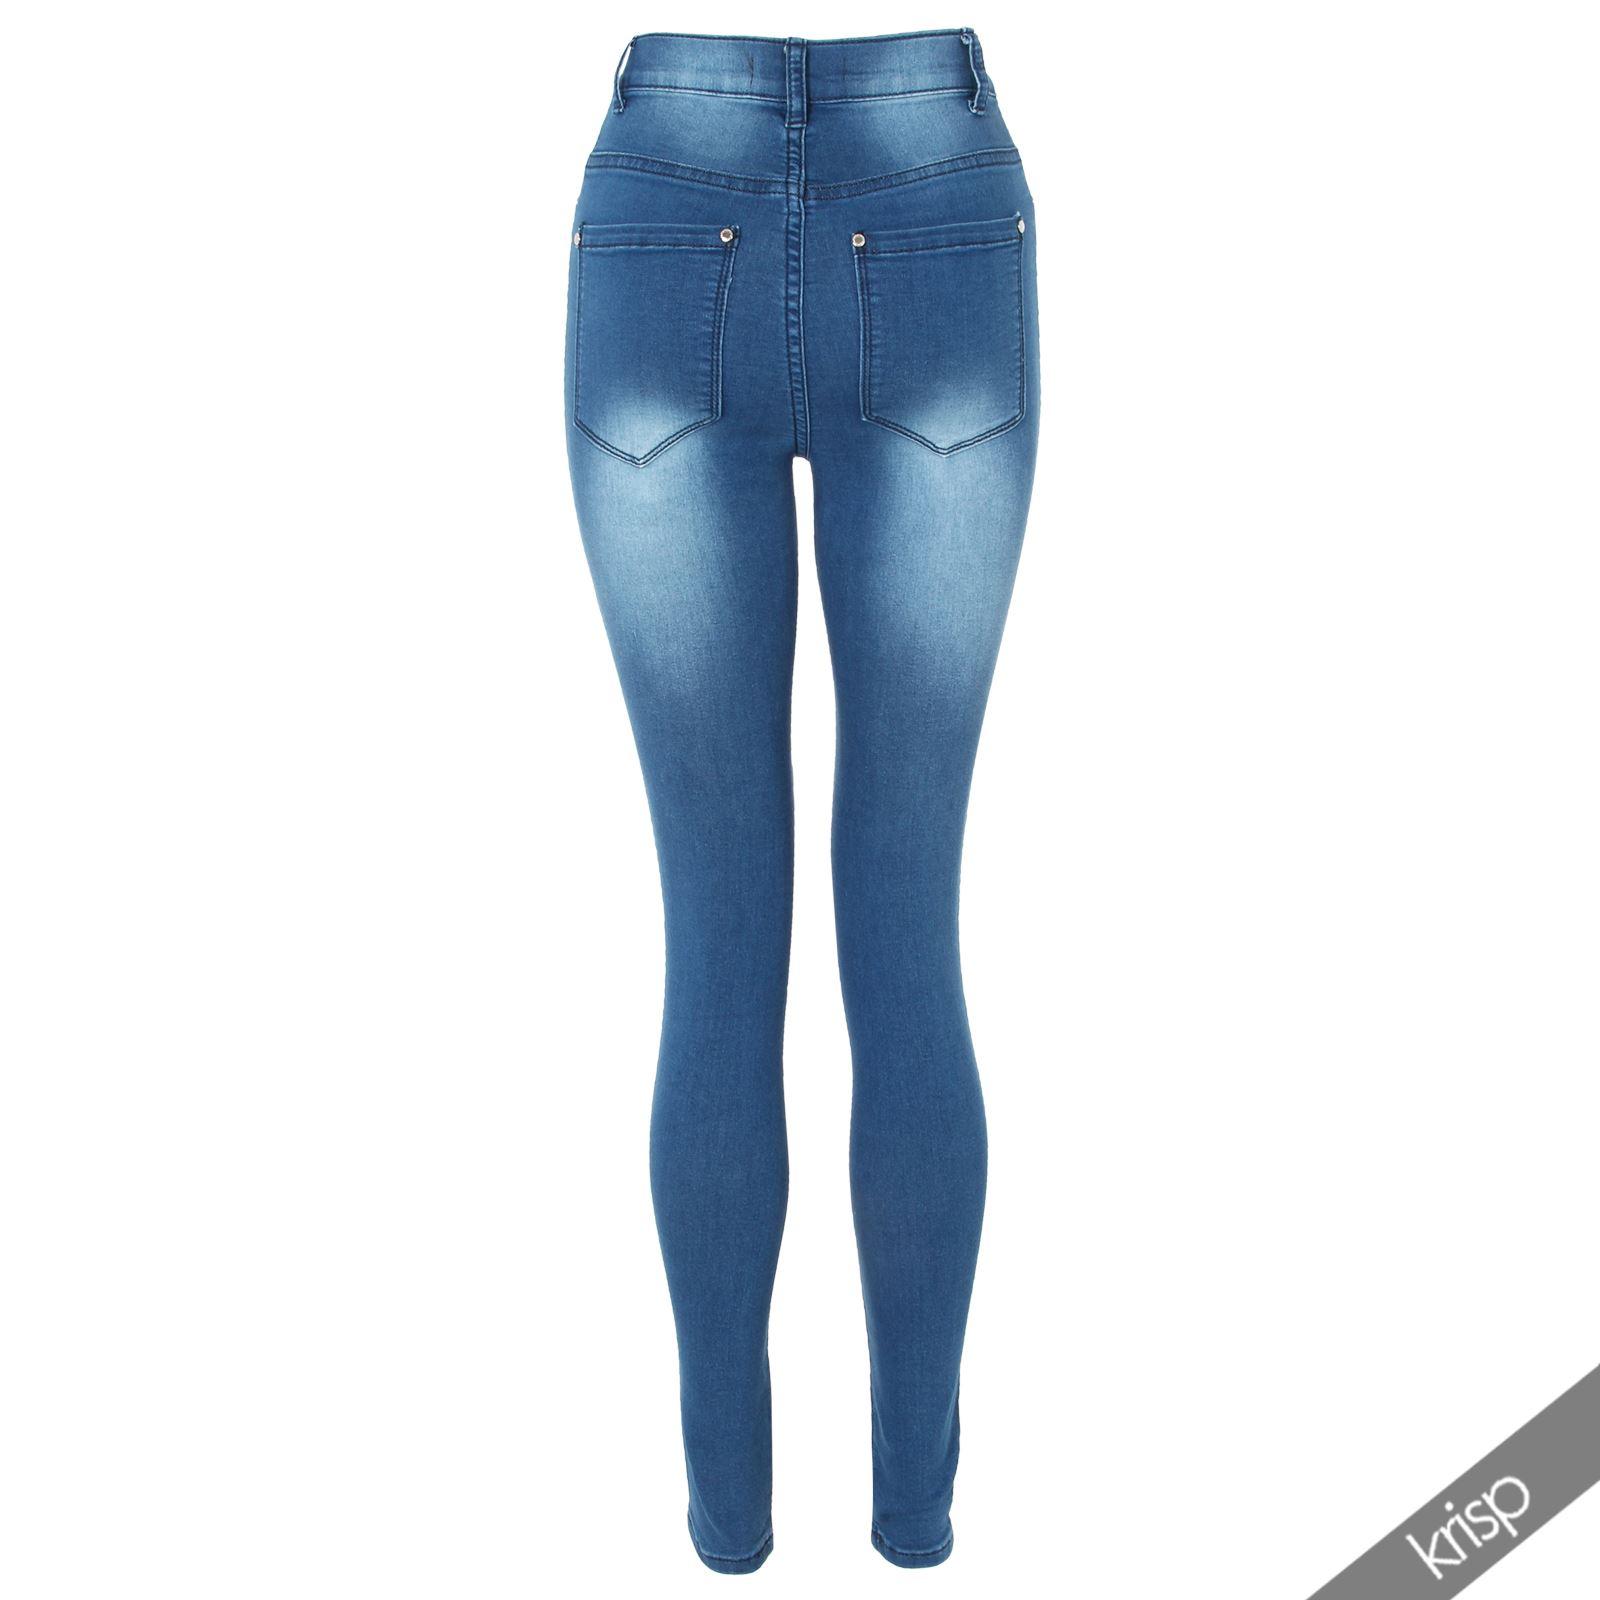 Femmes jegging skinny jeans pantalon denim uni classique for Taille baignoire classique